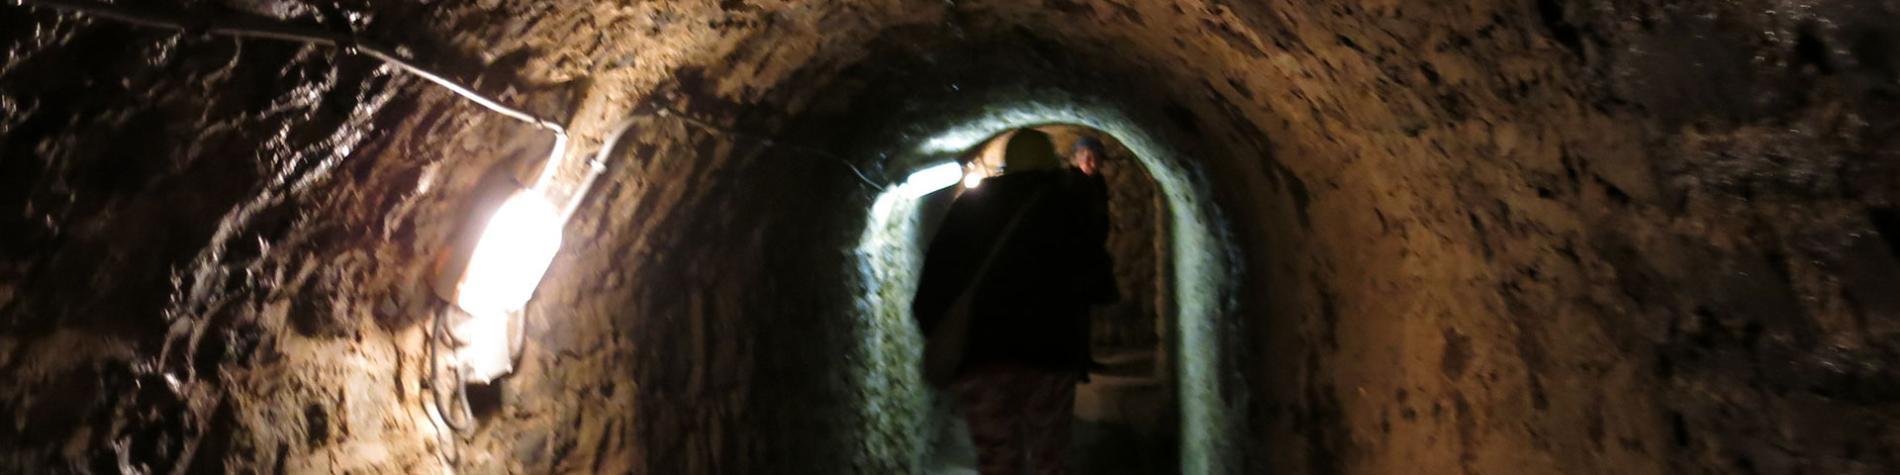 souterrains - Philippeville - XVIIe siècle - enceinte - bastions